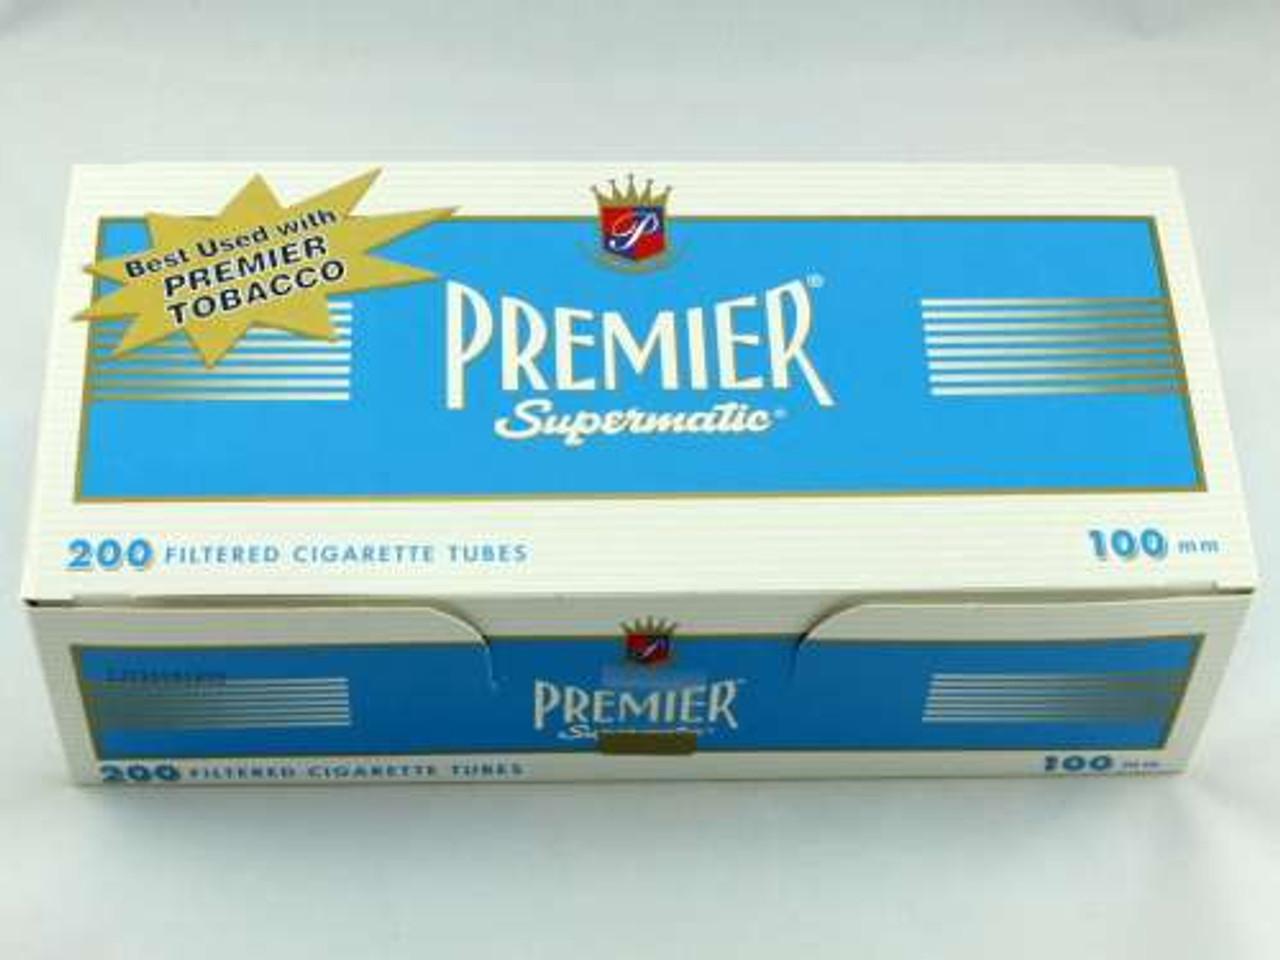 Premier Light 100's Cigarette Tubes